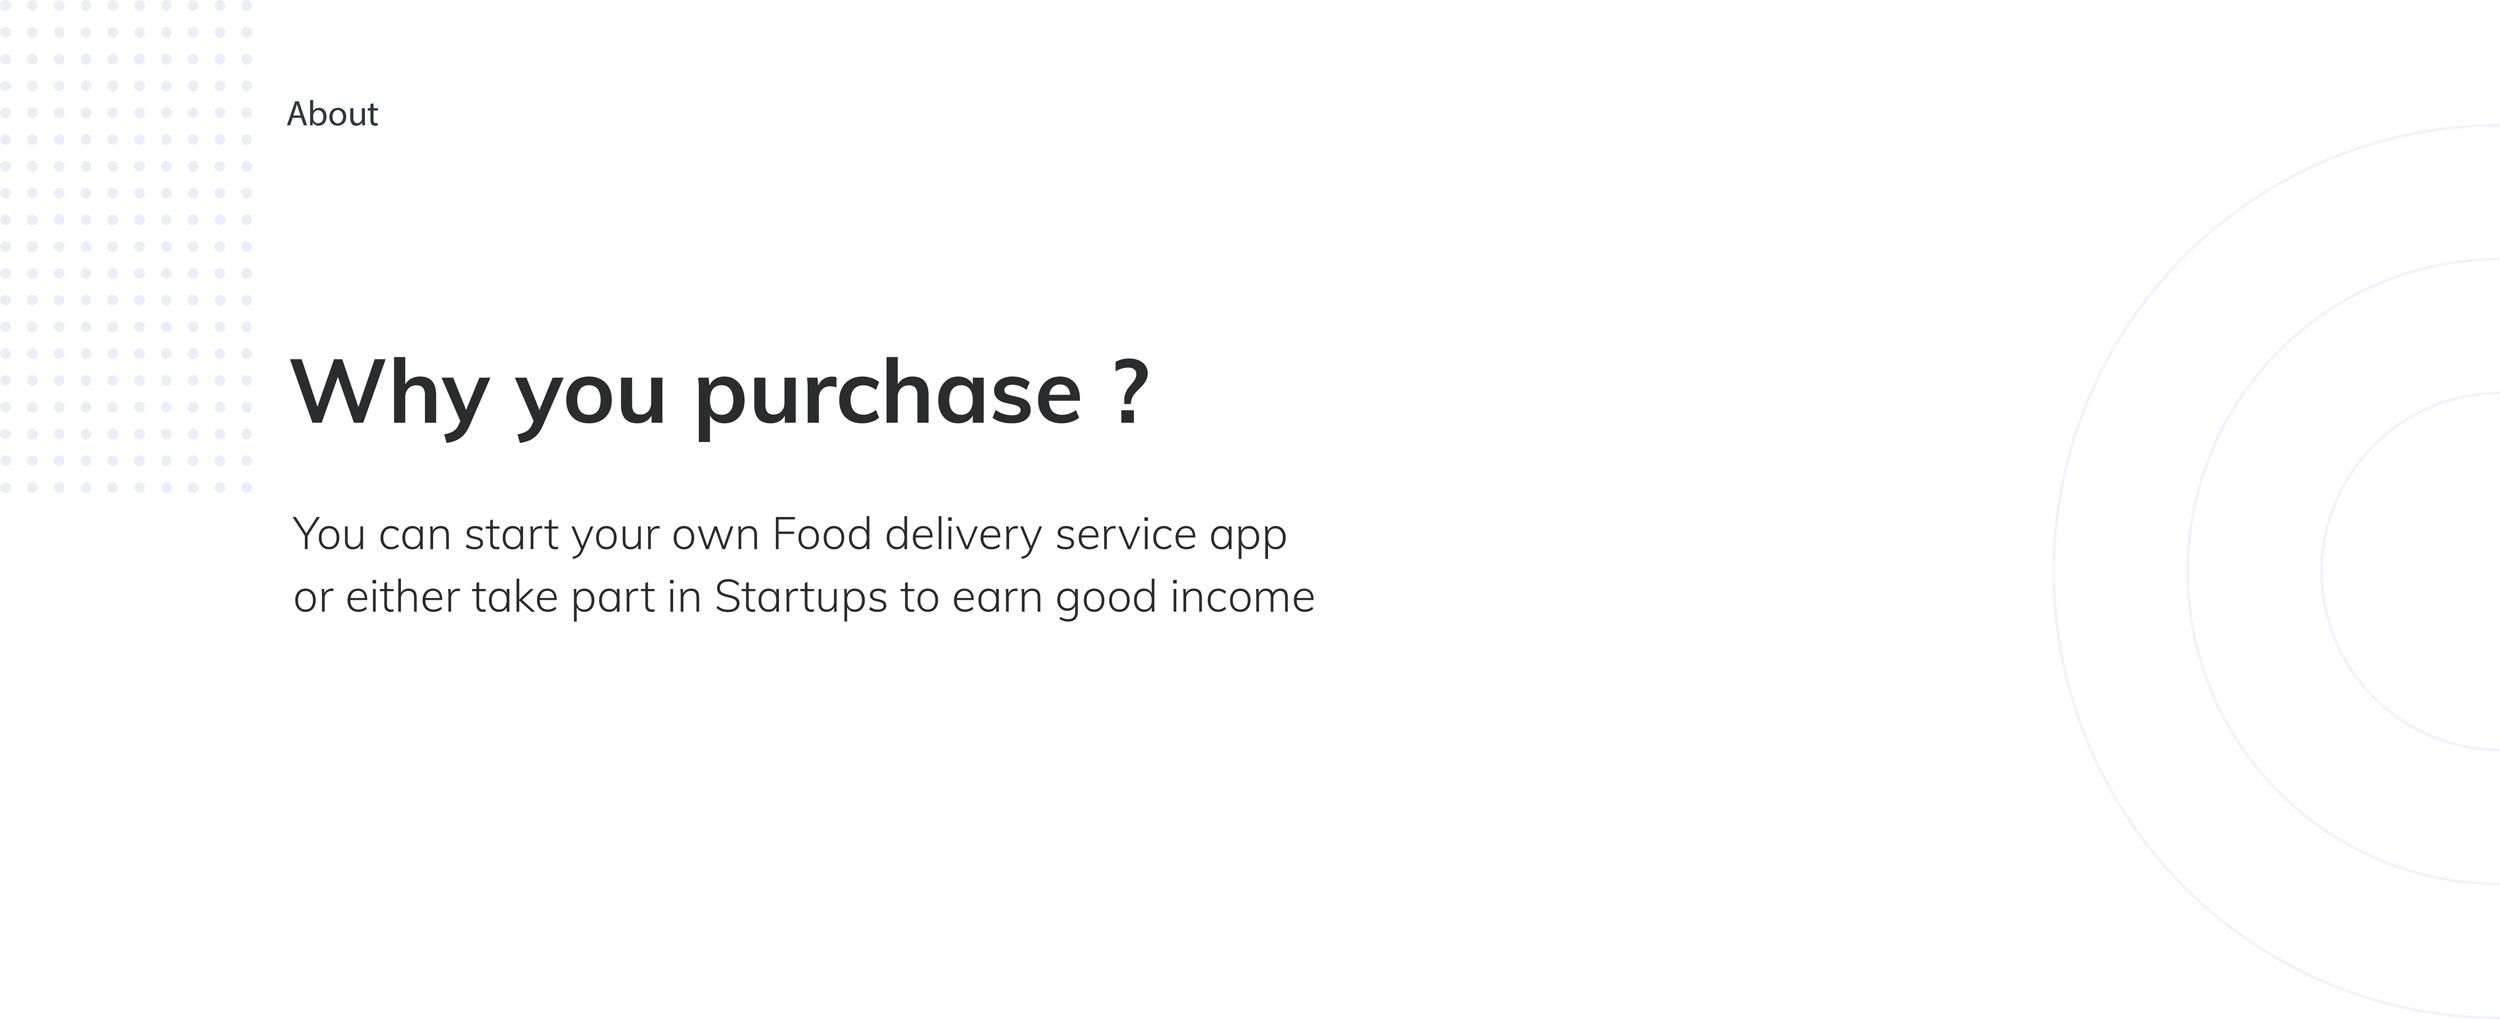 Restaurante App de entrega de comida com entregador - 2